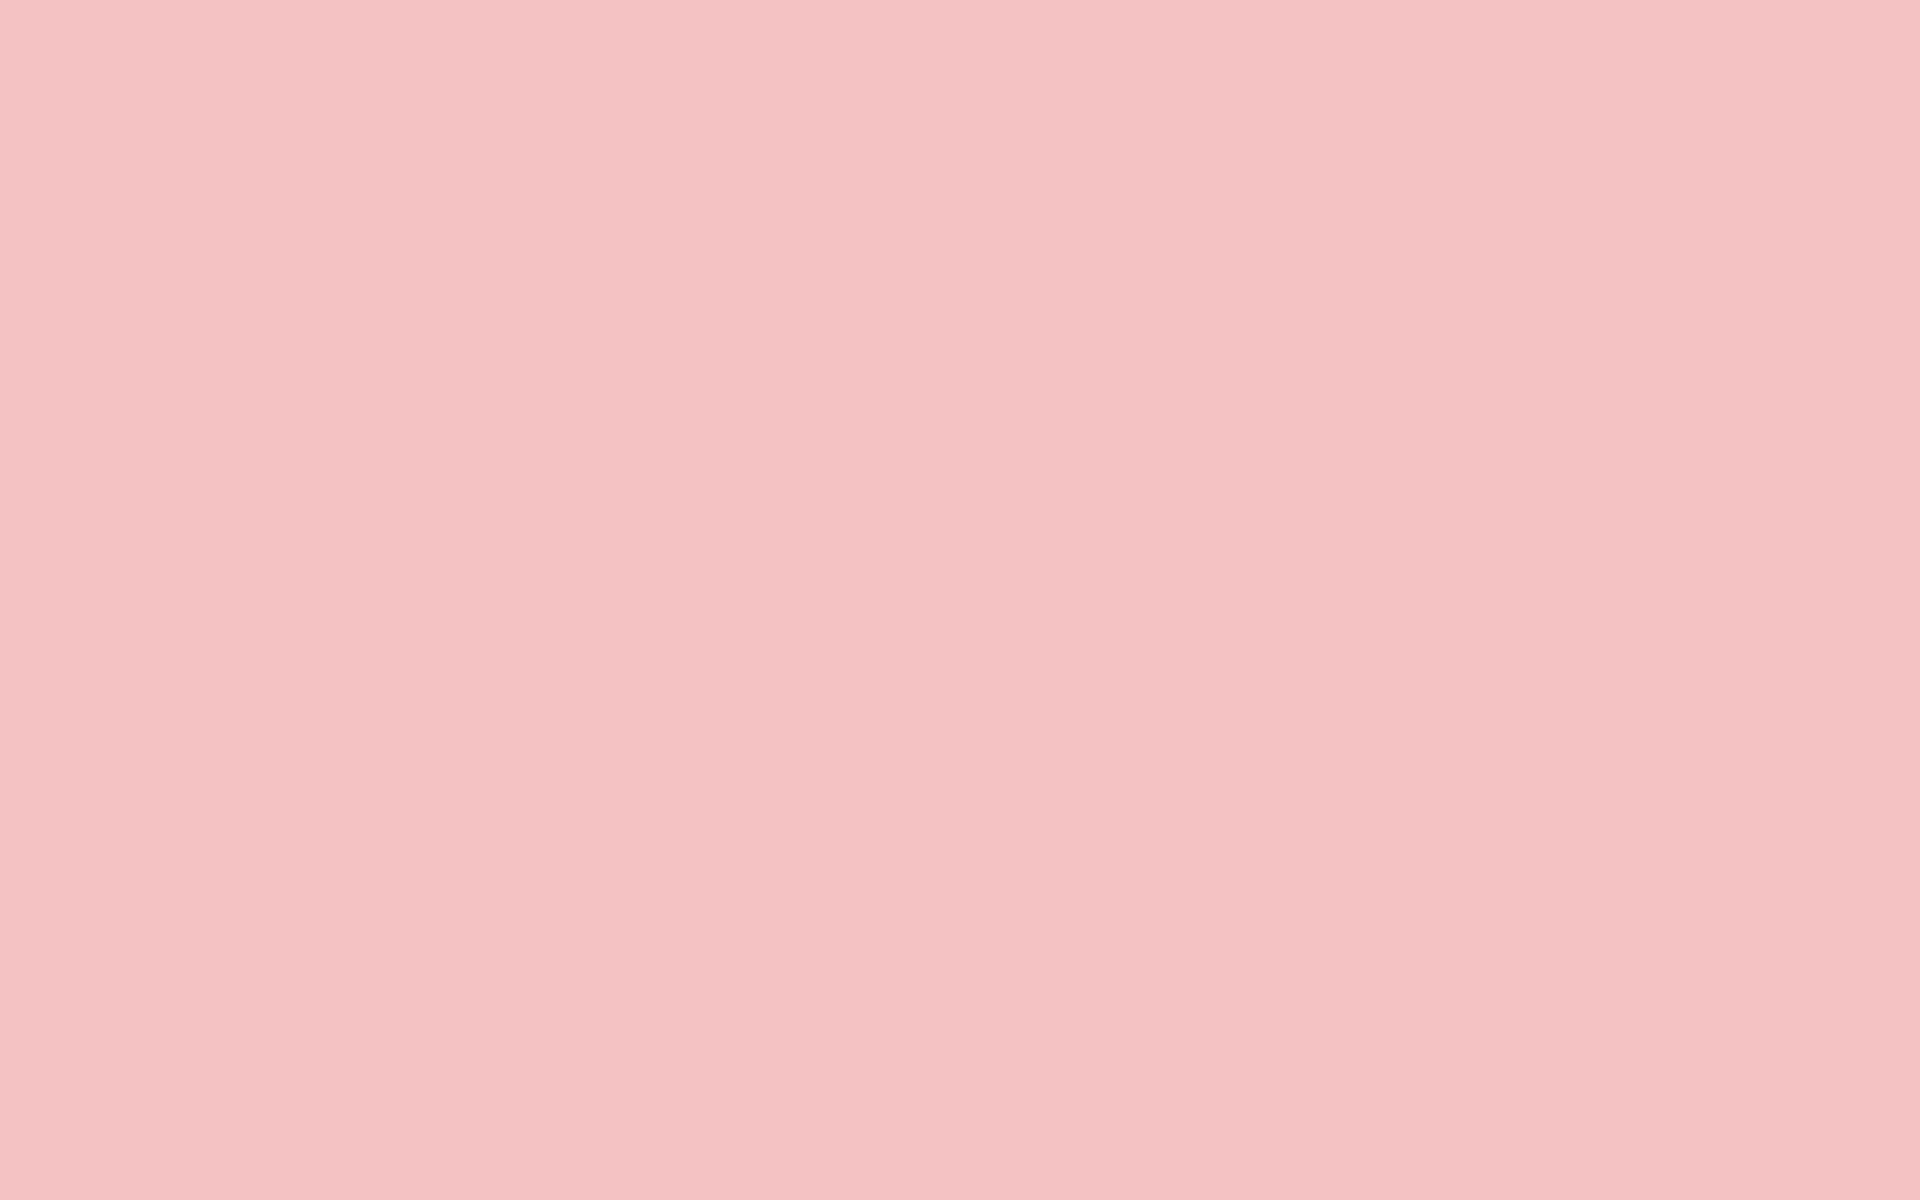 Light Pink   Wallpaper High Definition High Quality Widescreen 1920x1200